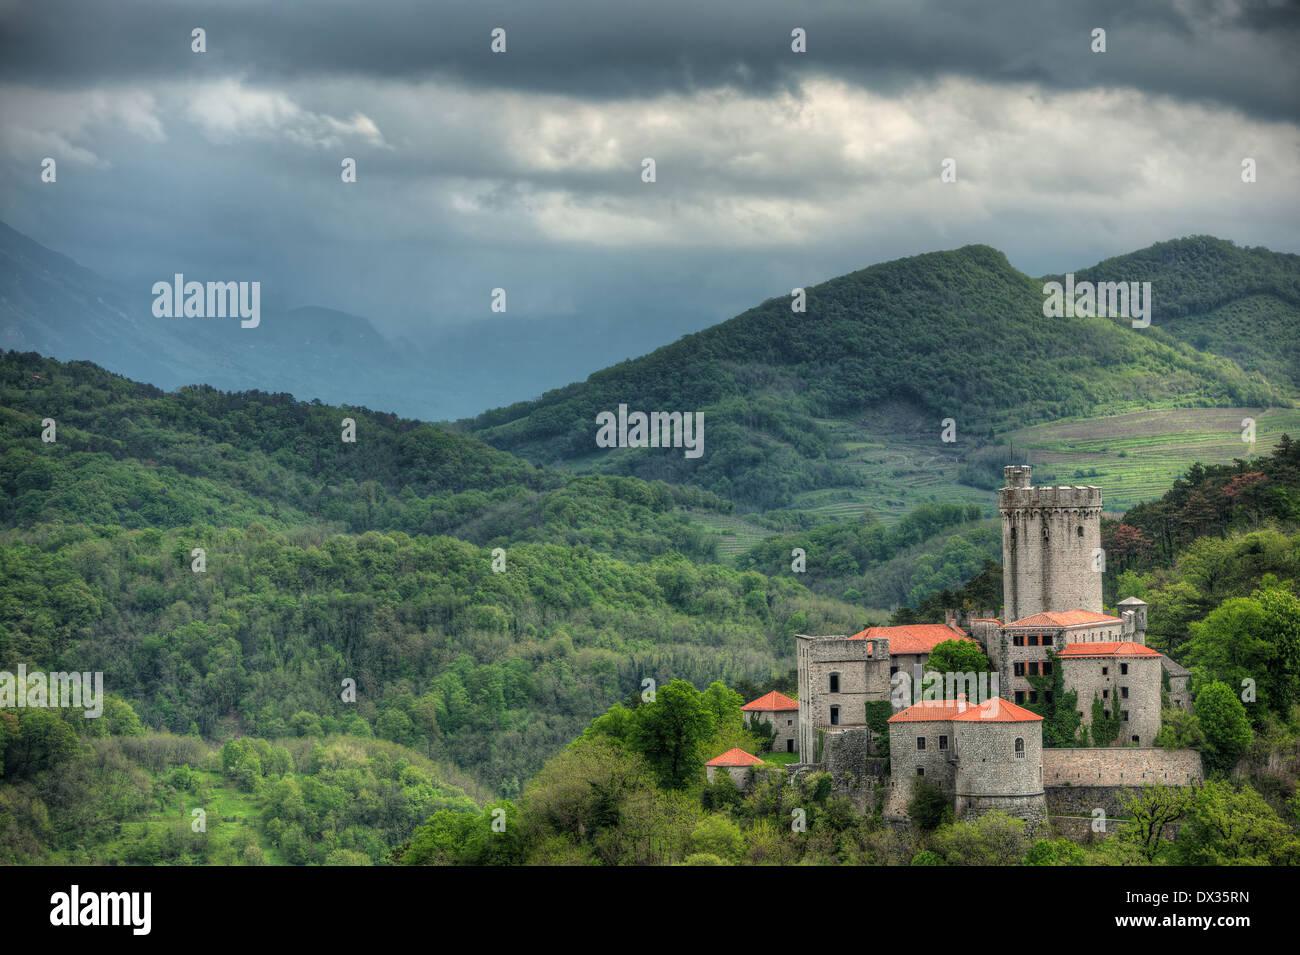 Medieval castli Rihemberk in Branik, Slovenia - Stock Image